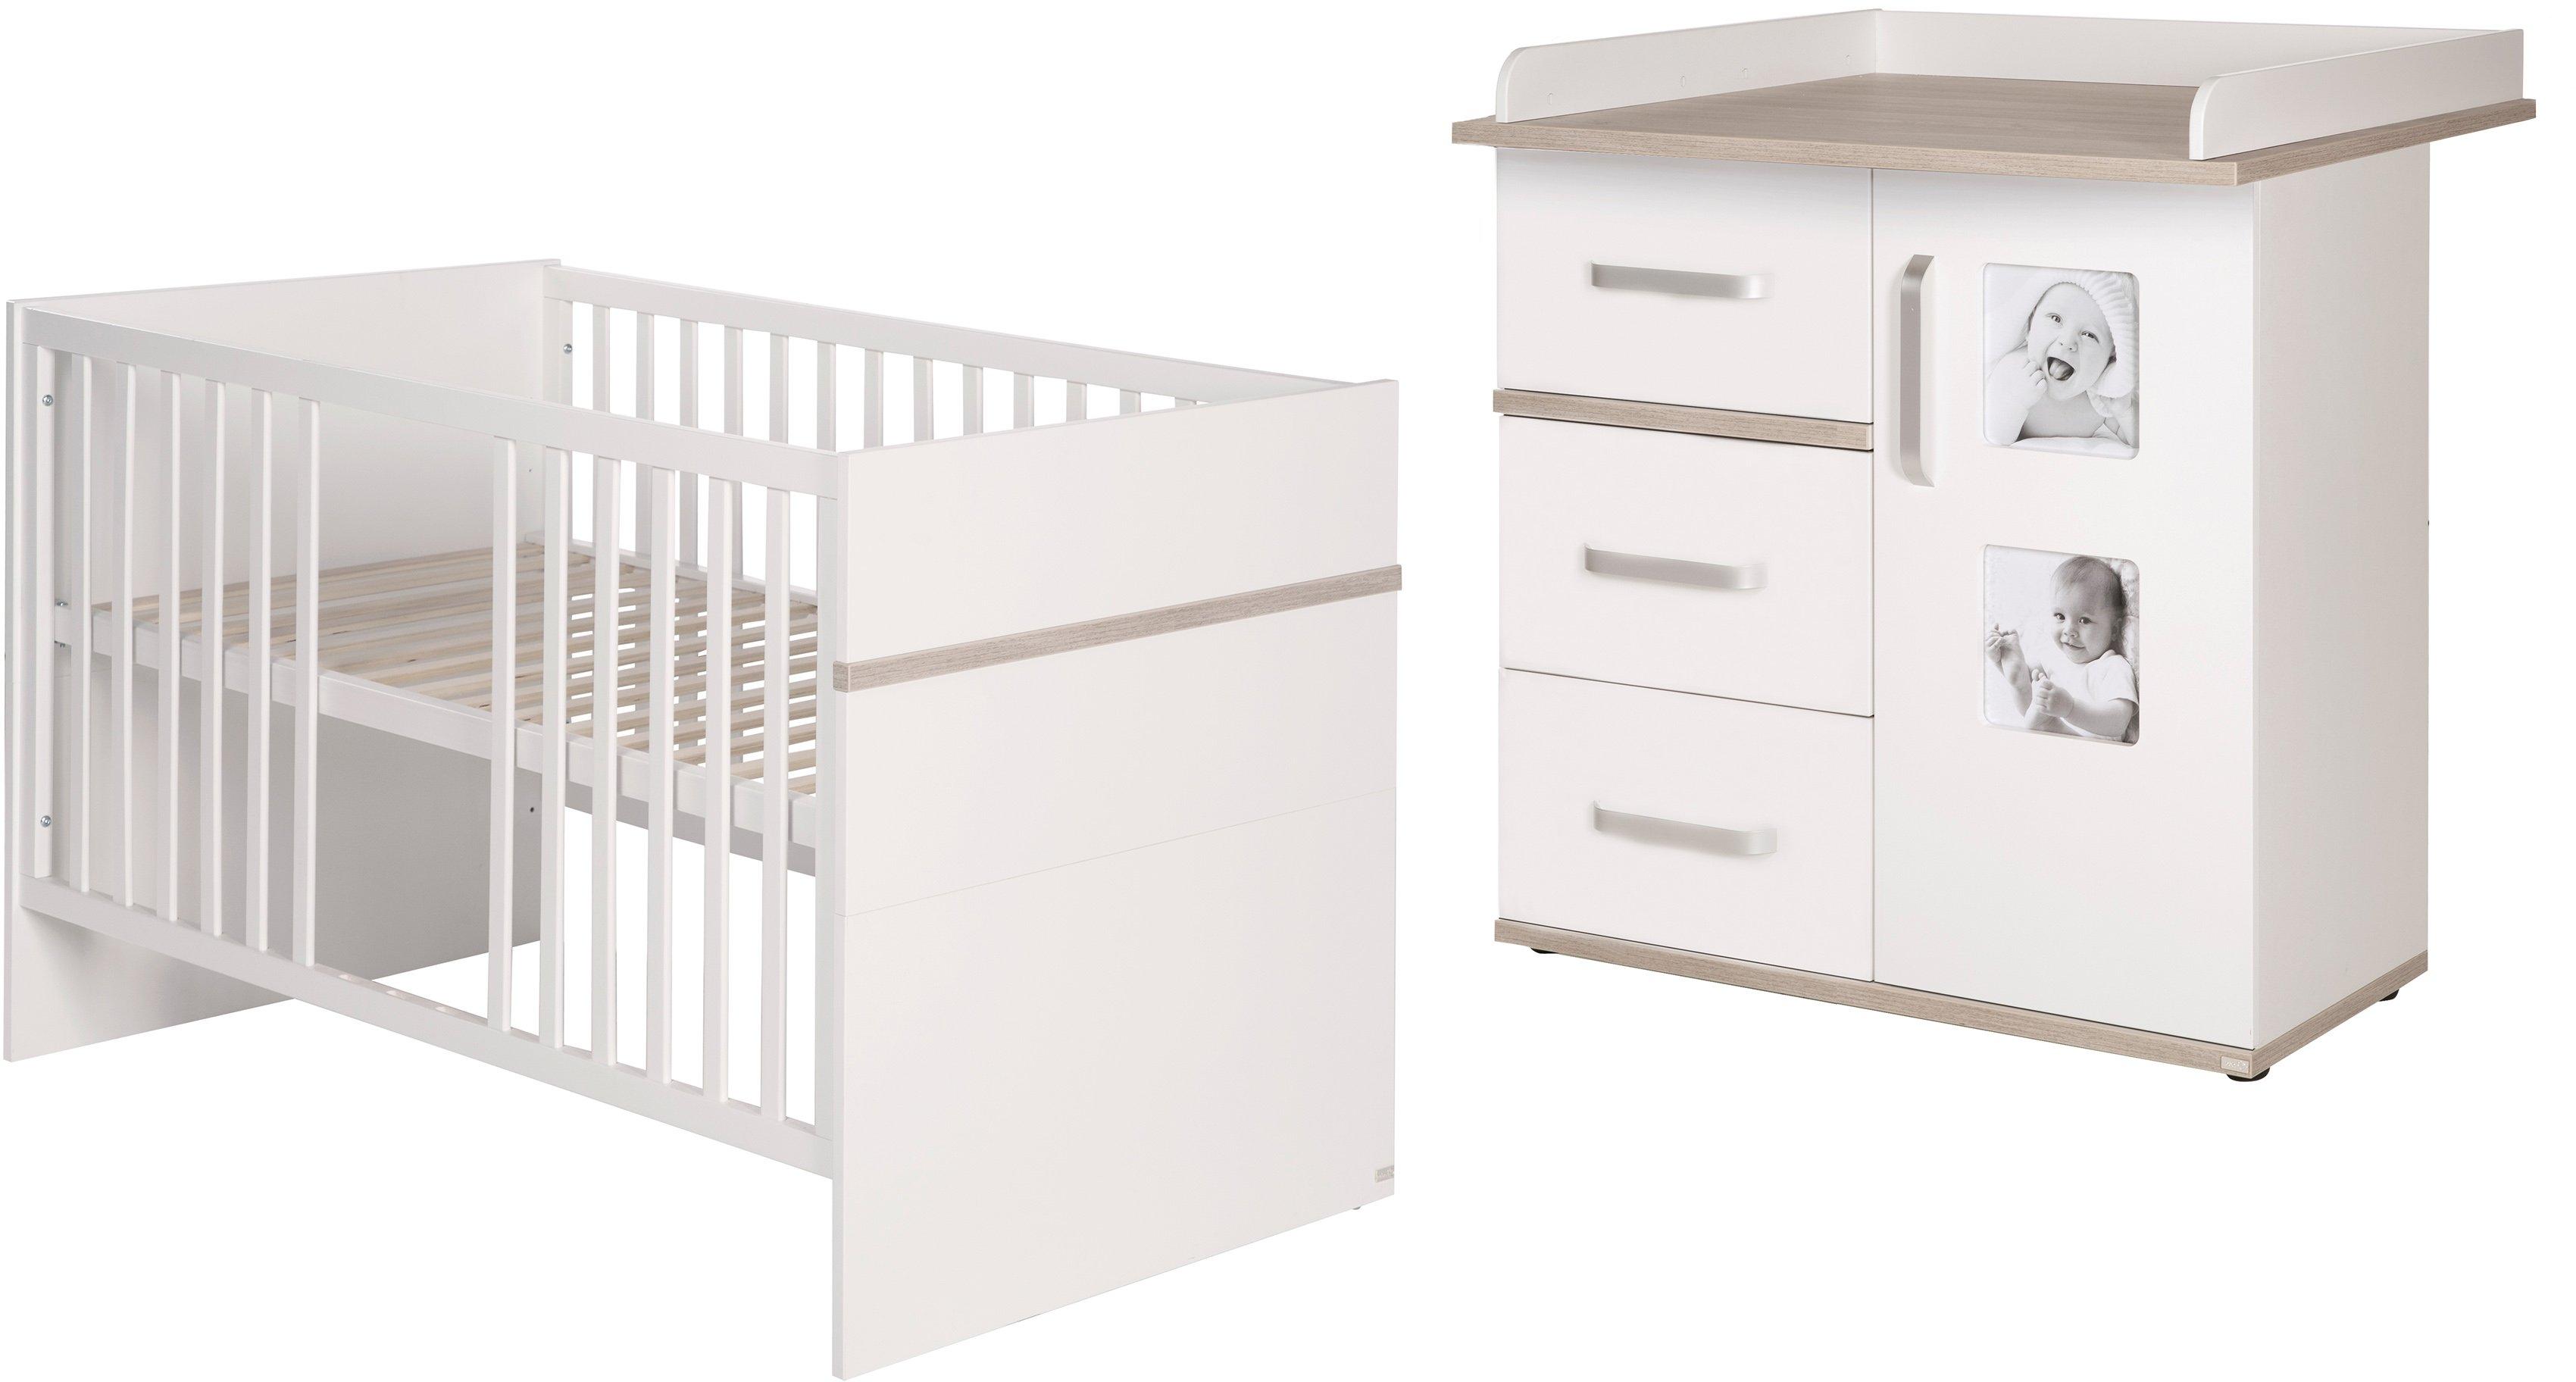 Roba babymeubelset Moritz met kinderbed en smalle commode; made in europe (voordeelset, 2 stuks) online kopen op otto.nl